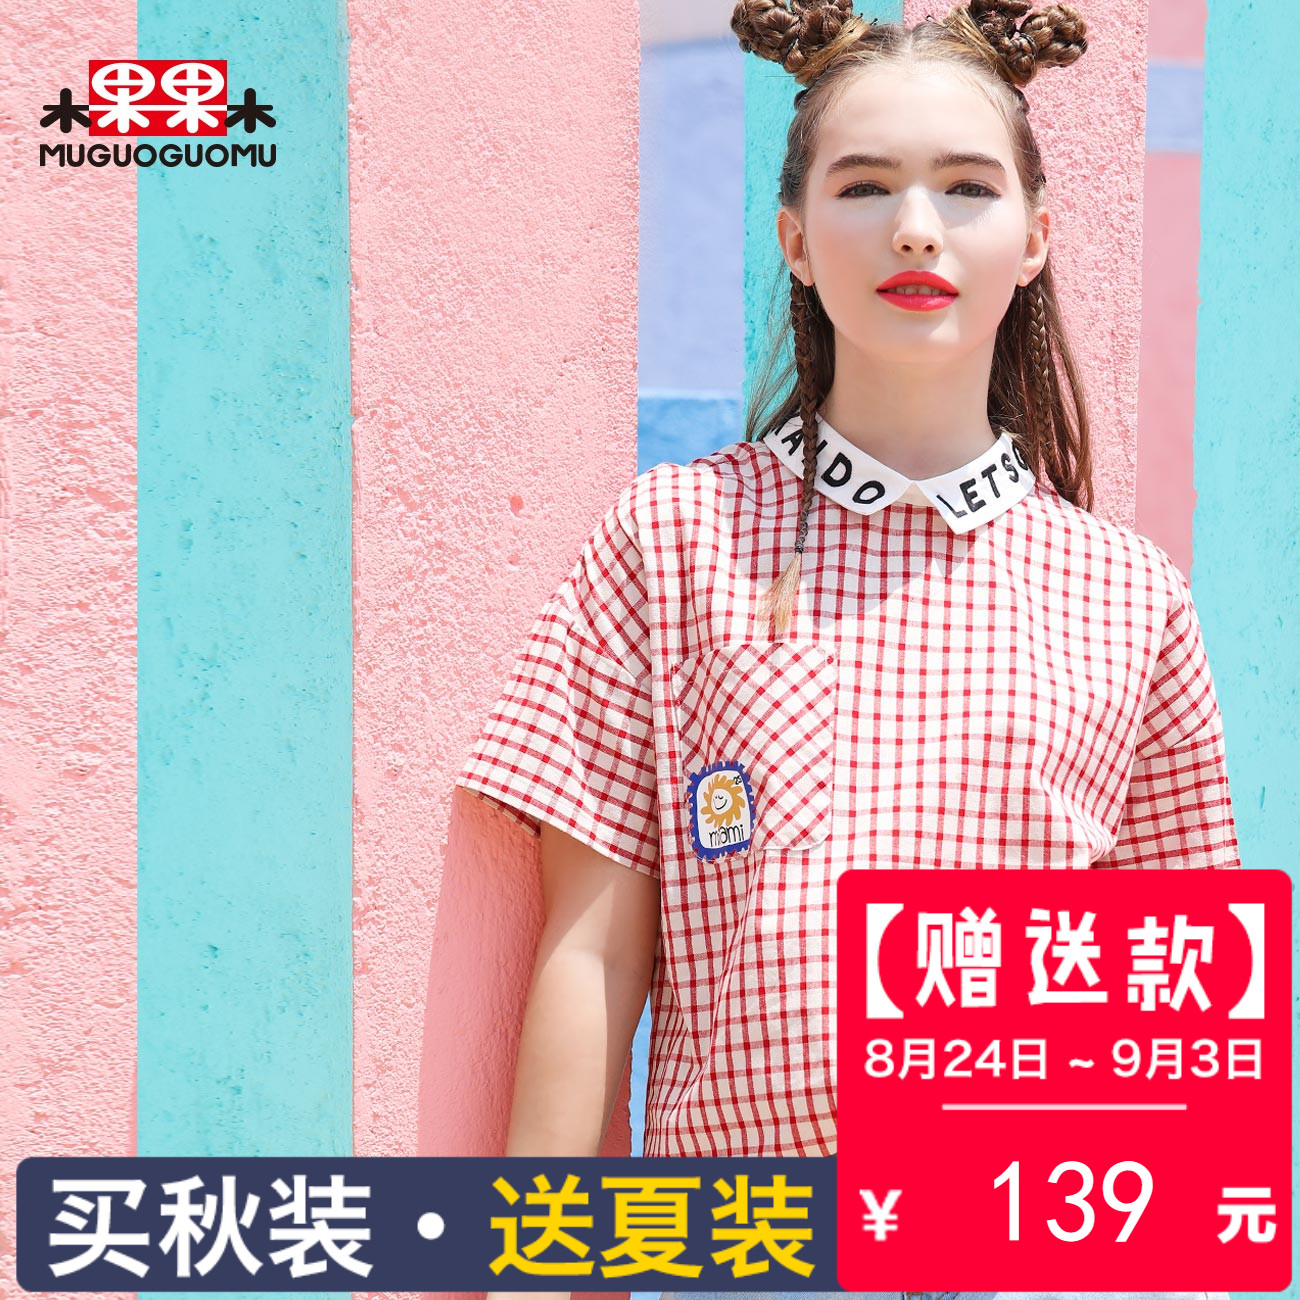 木果果木2018夏装新品原创韩版甜美学院风百搭格子短袖衬衫女 壹